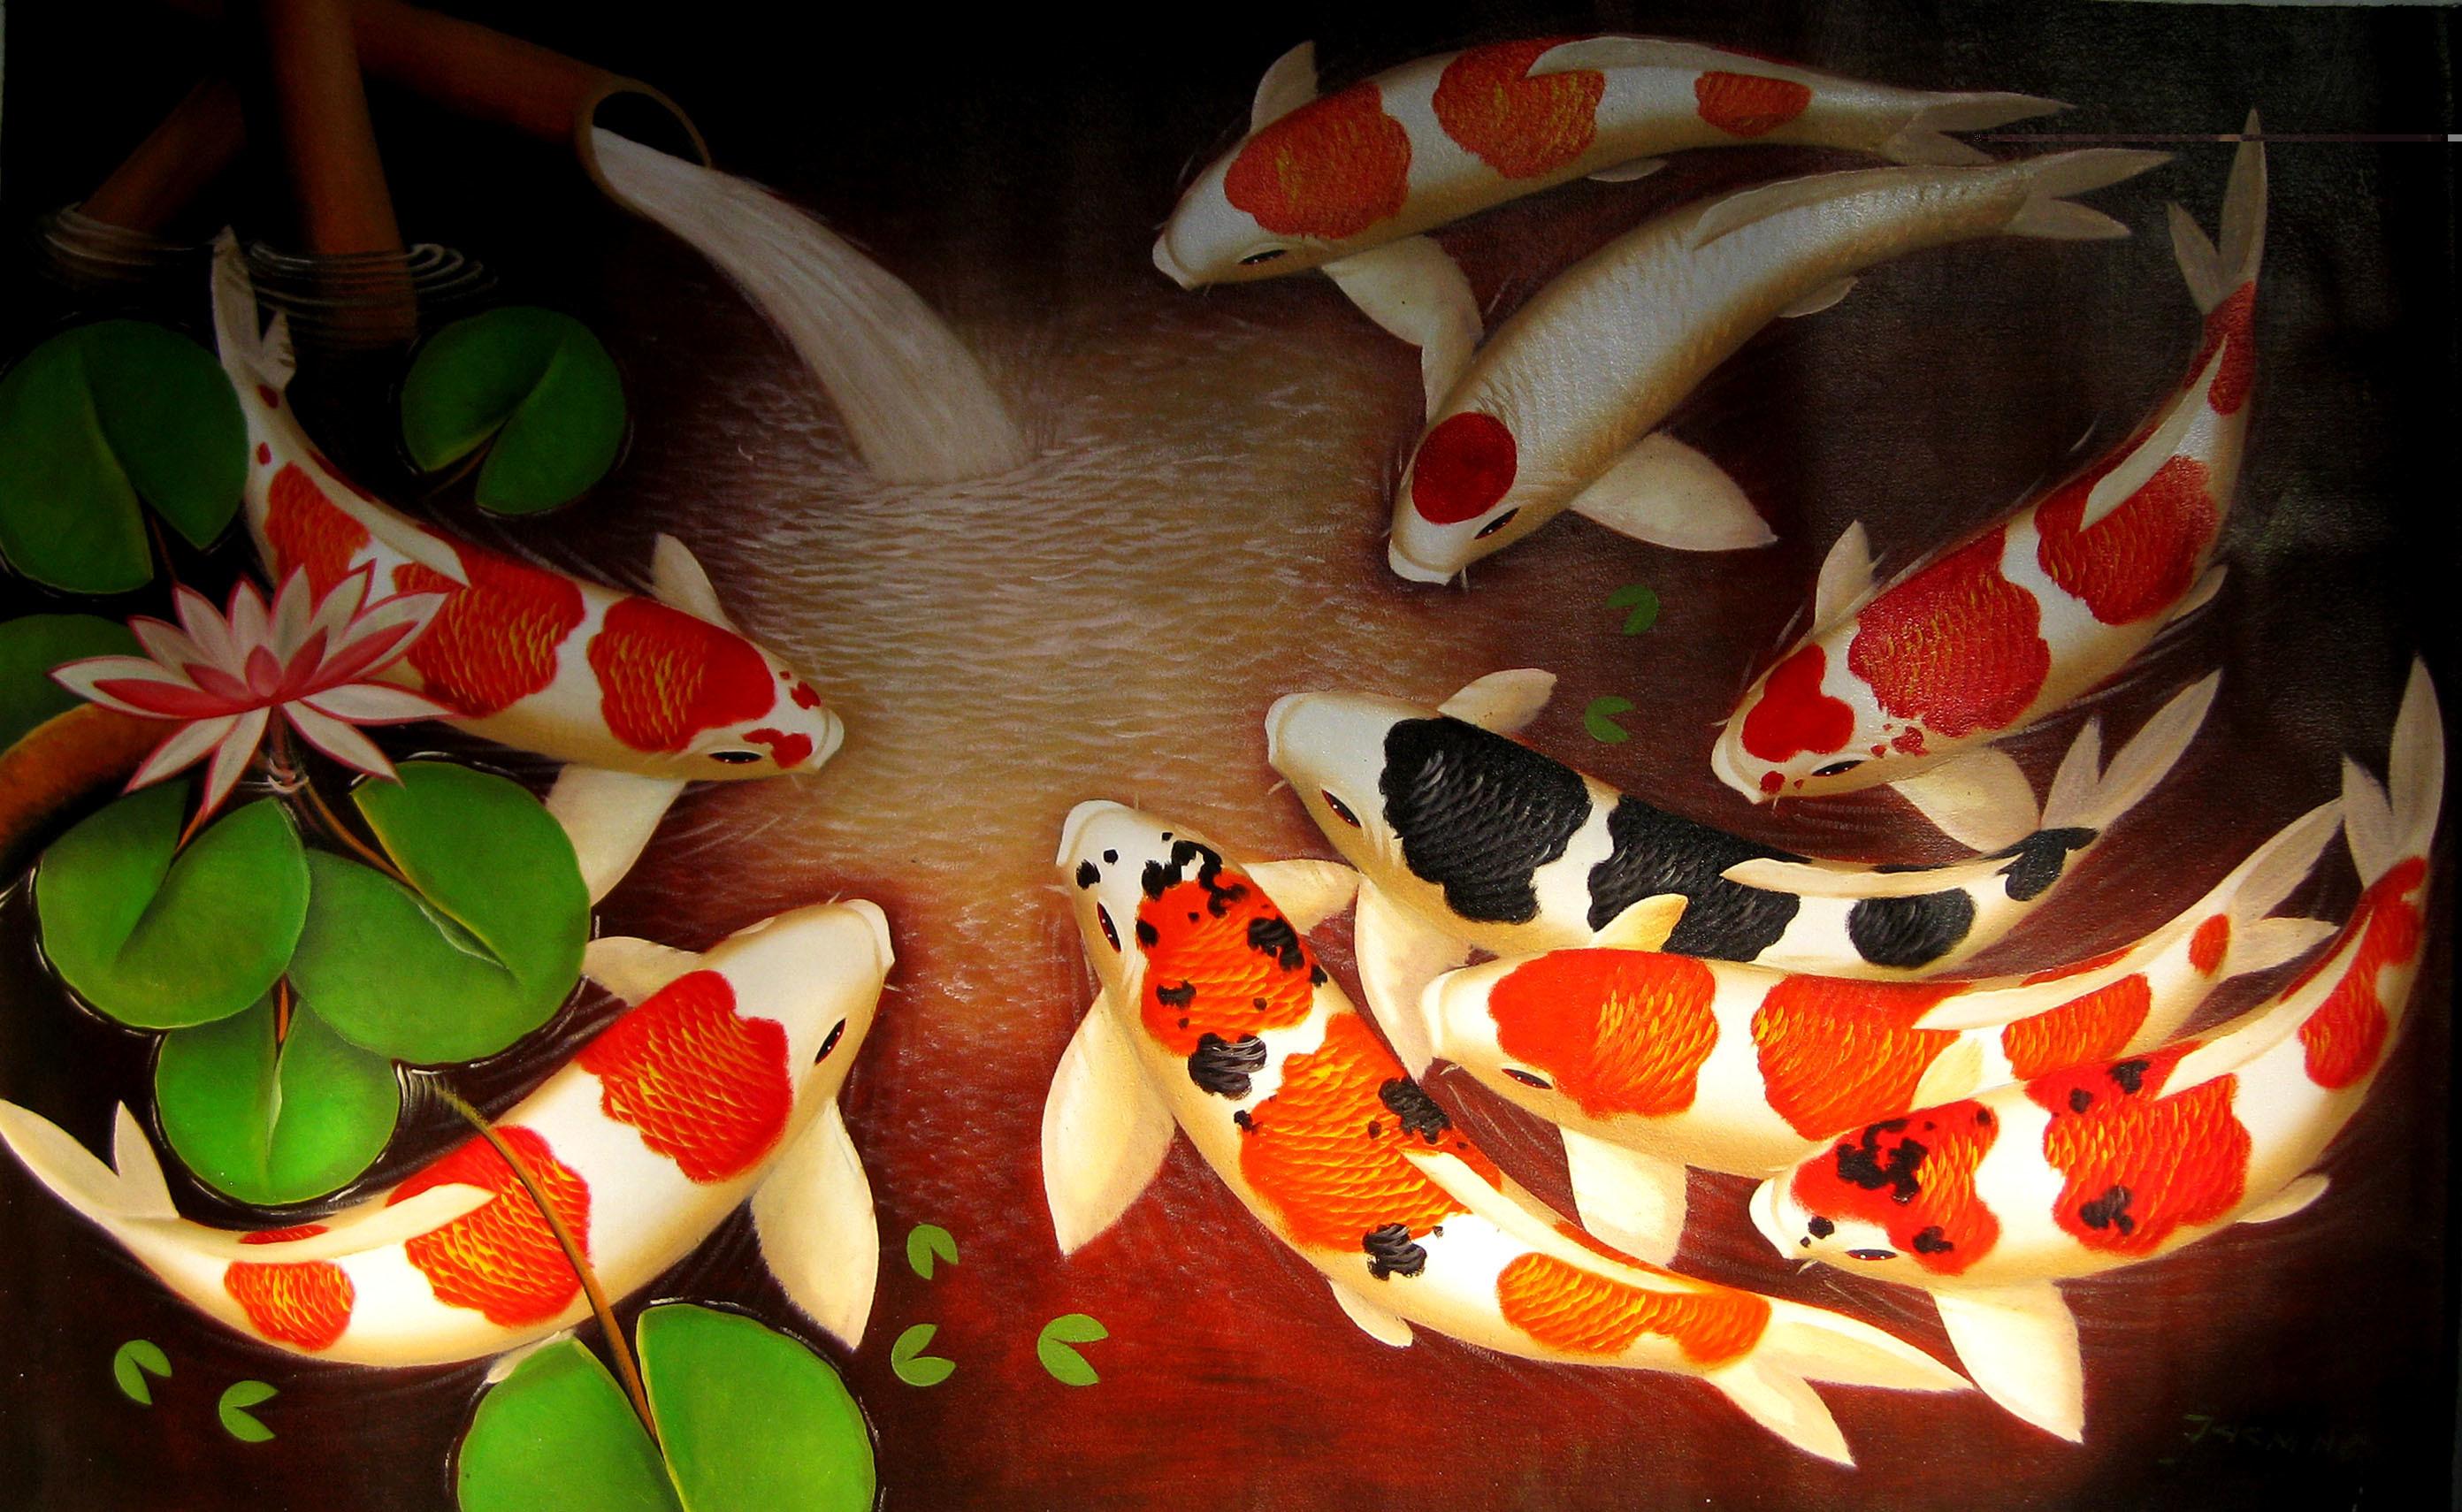 Koi Fish 3d Wallpaper Free Download Koi Fish Wallpaper 59 Images